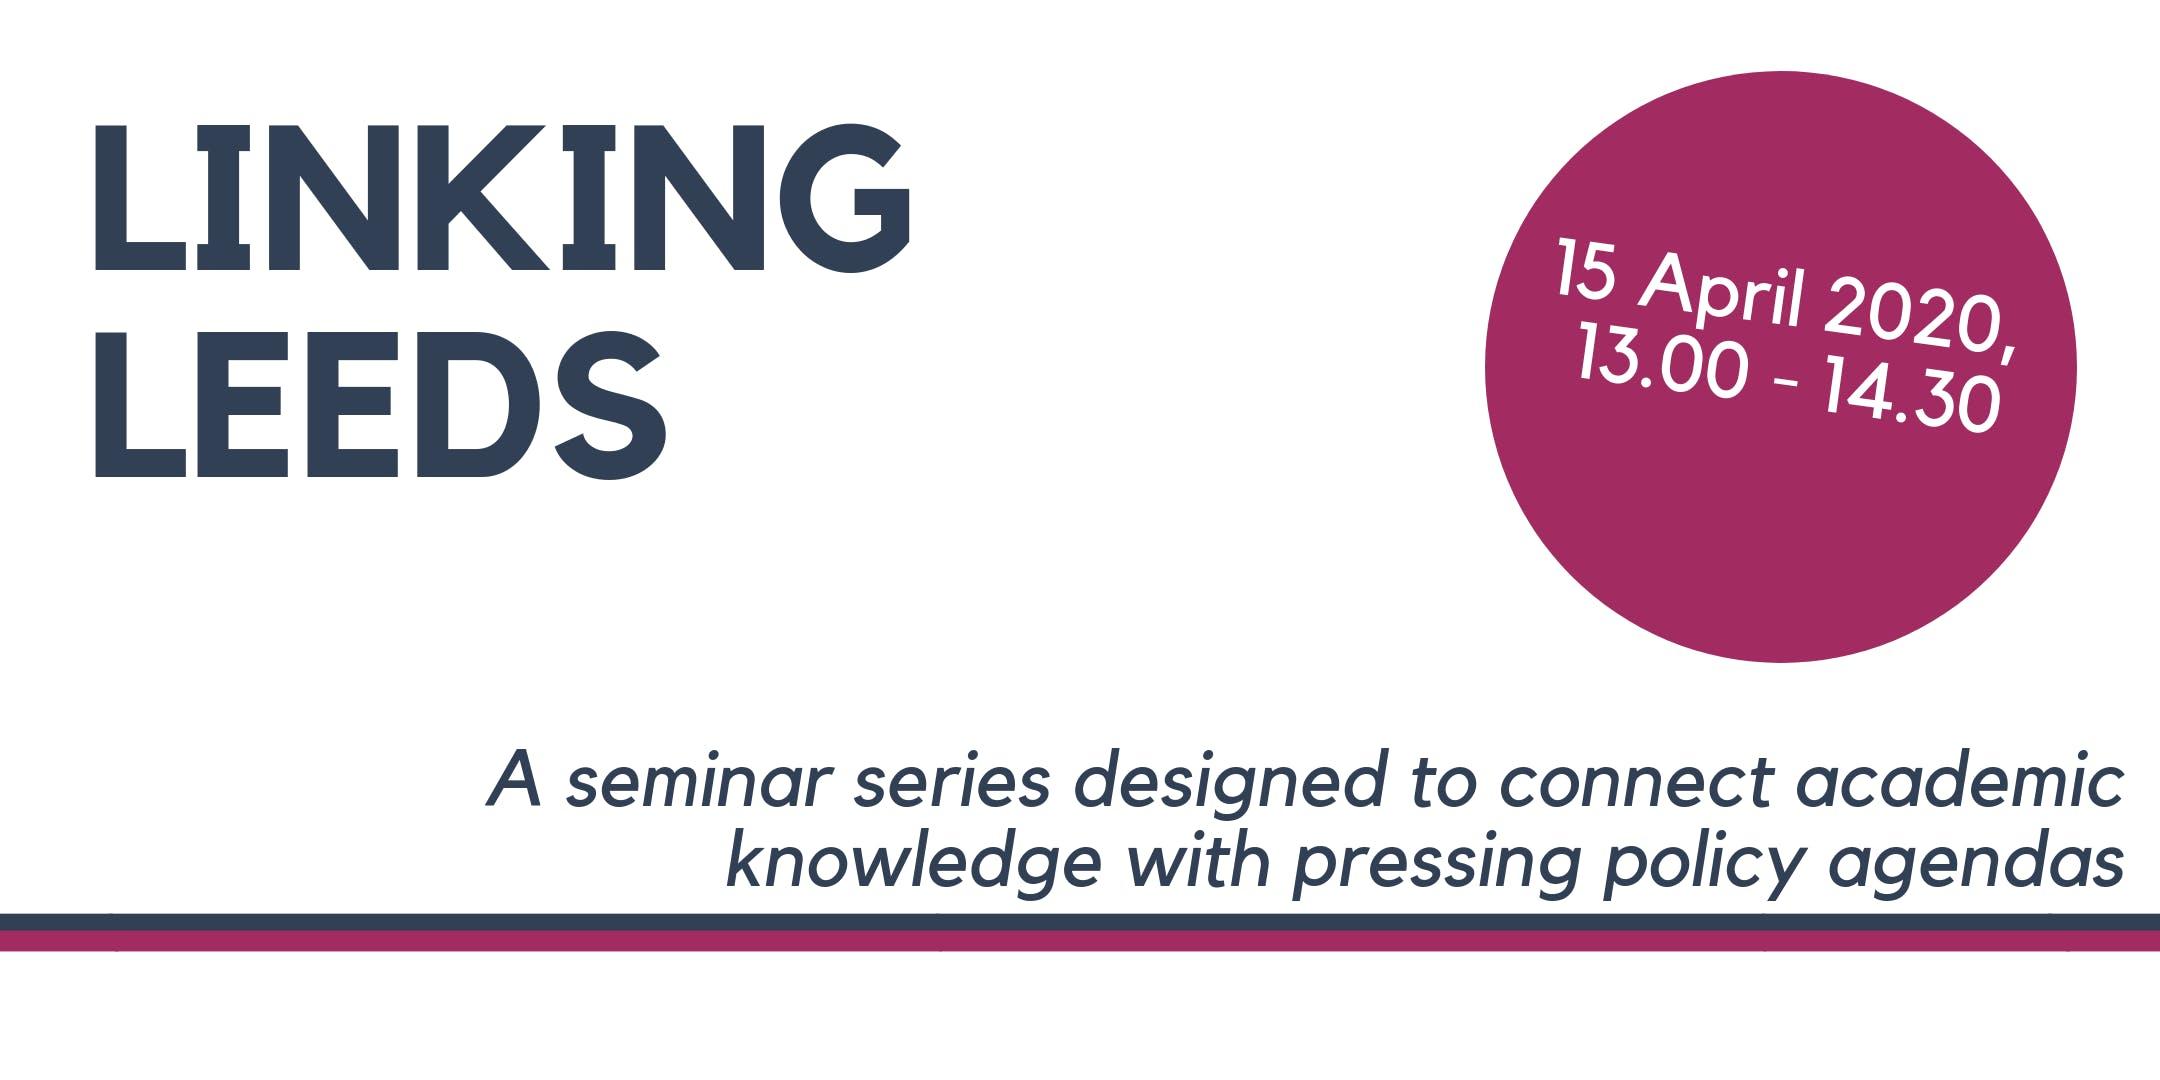 'Linking Leeds' Seminar - 15 April